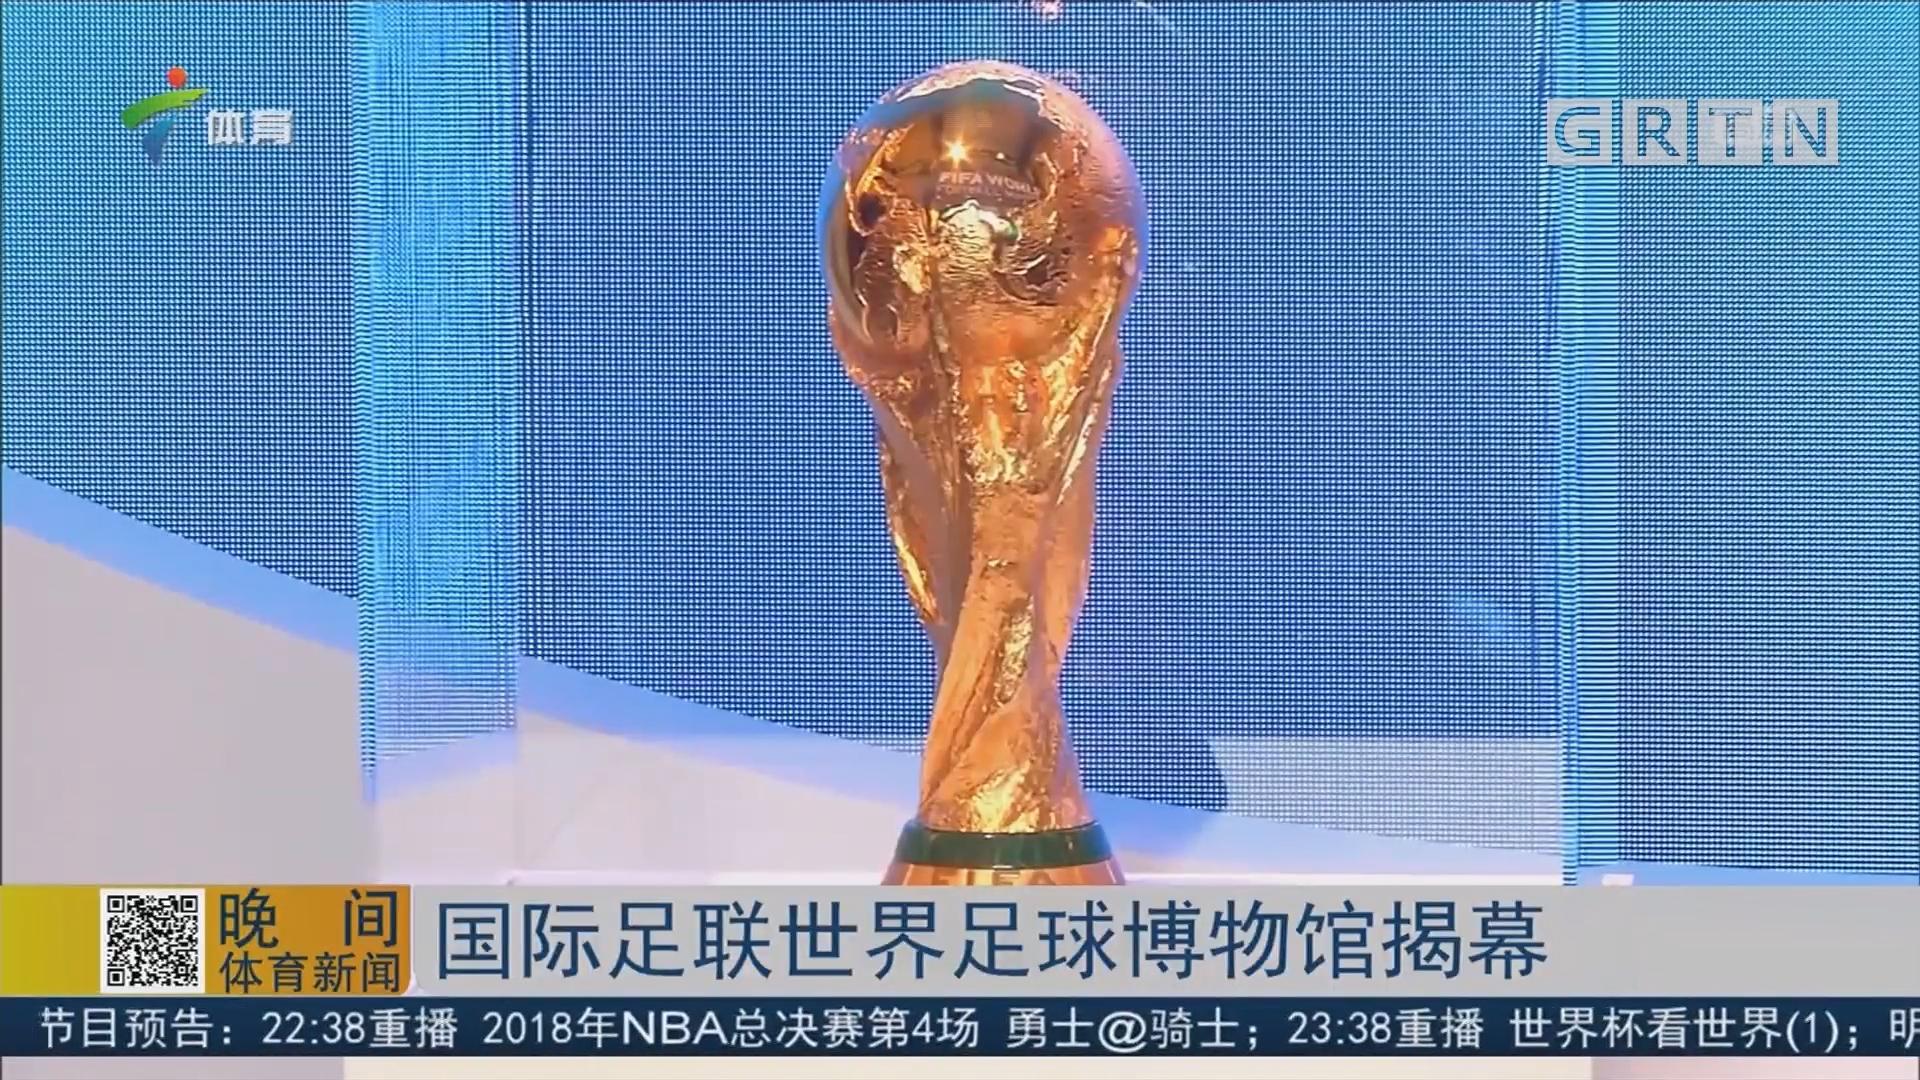 国际足联世界足球博物馆揭幕